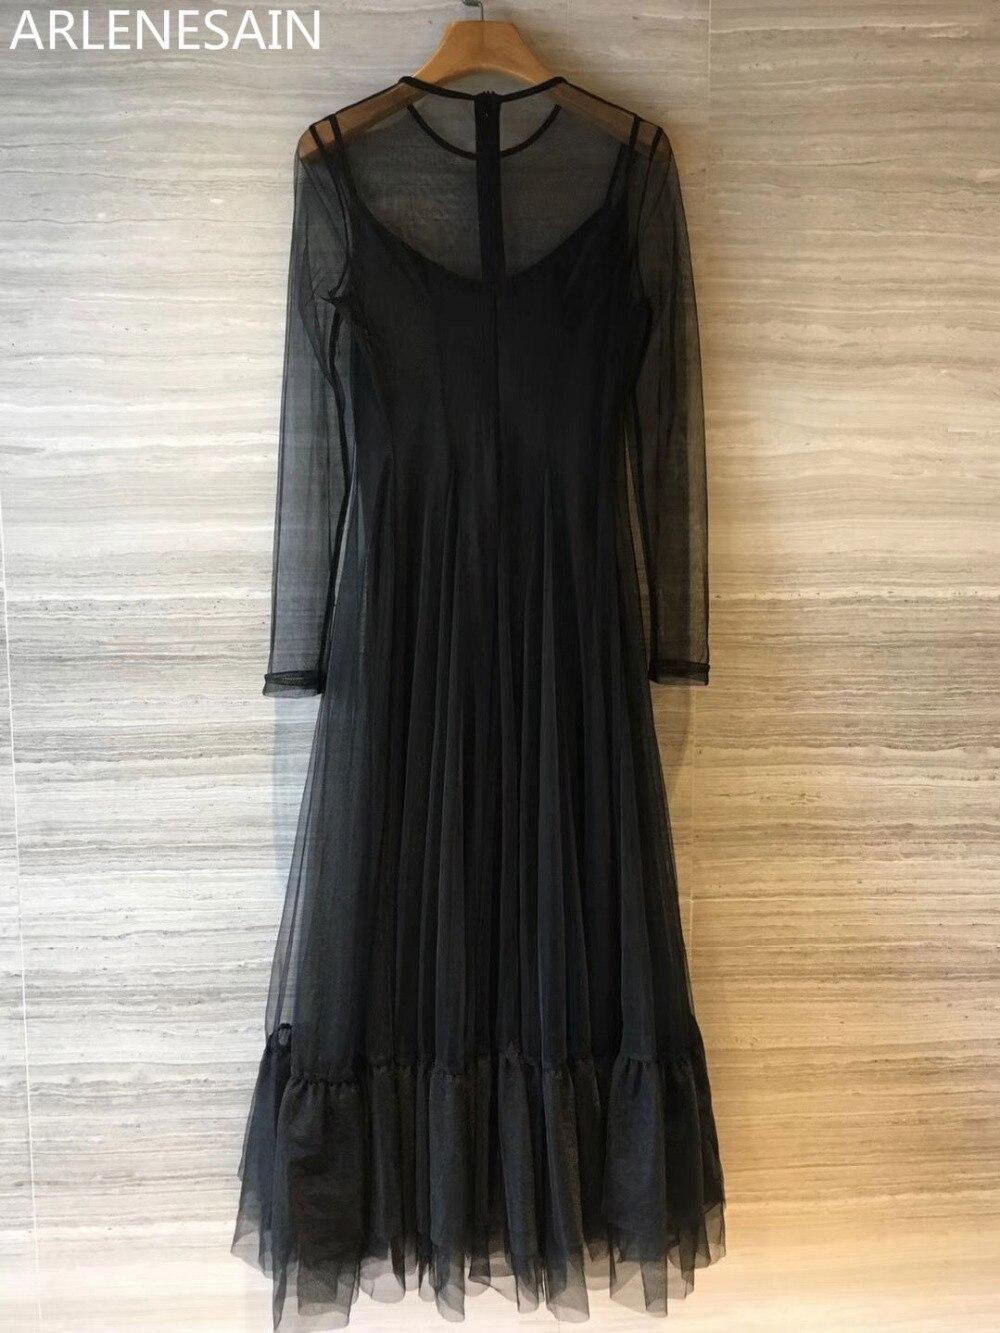 Und Sommer Taille Frühjahr Arlenesain Kleidung Kleid Nach Neue Frauen Mesh 2018 uJ3lK1cTF